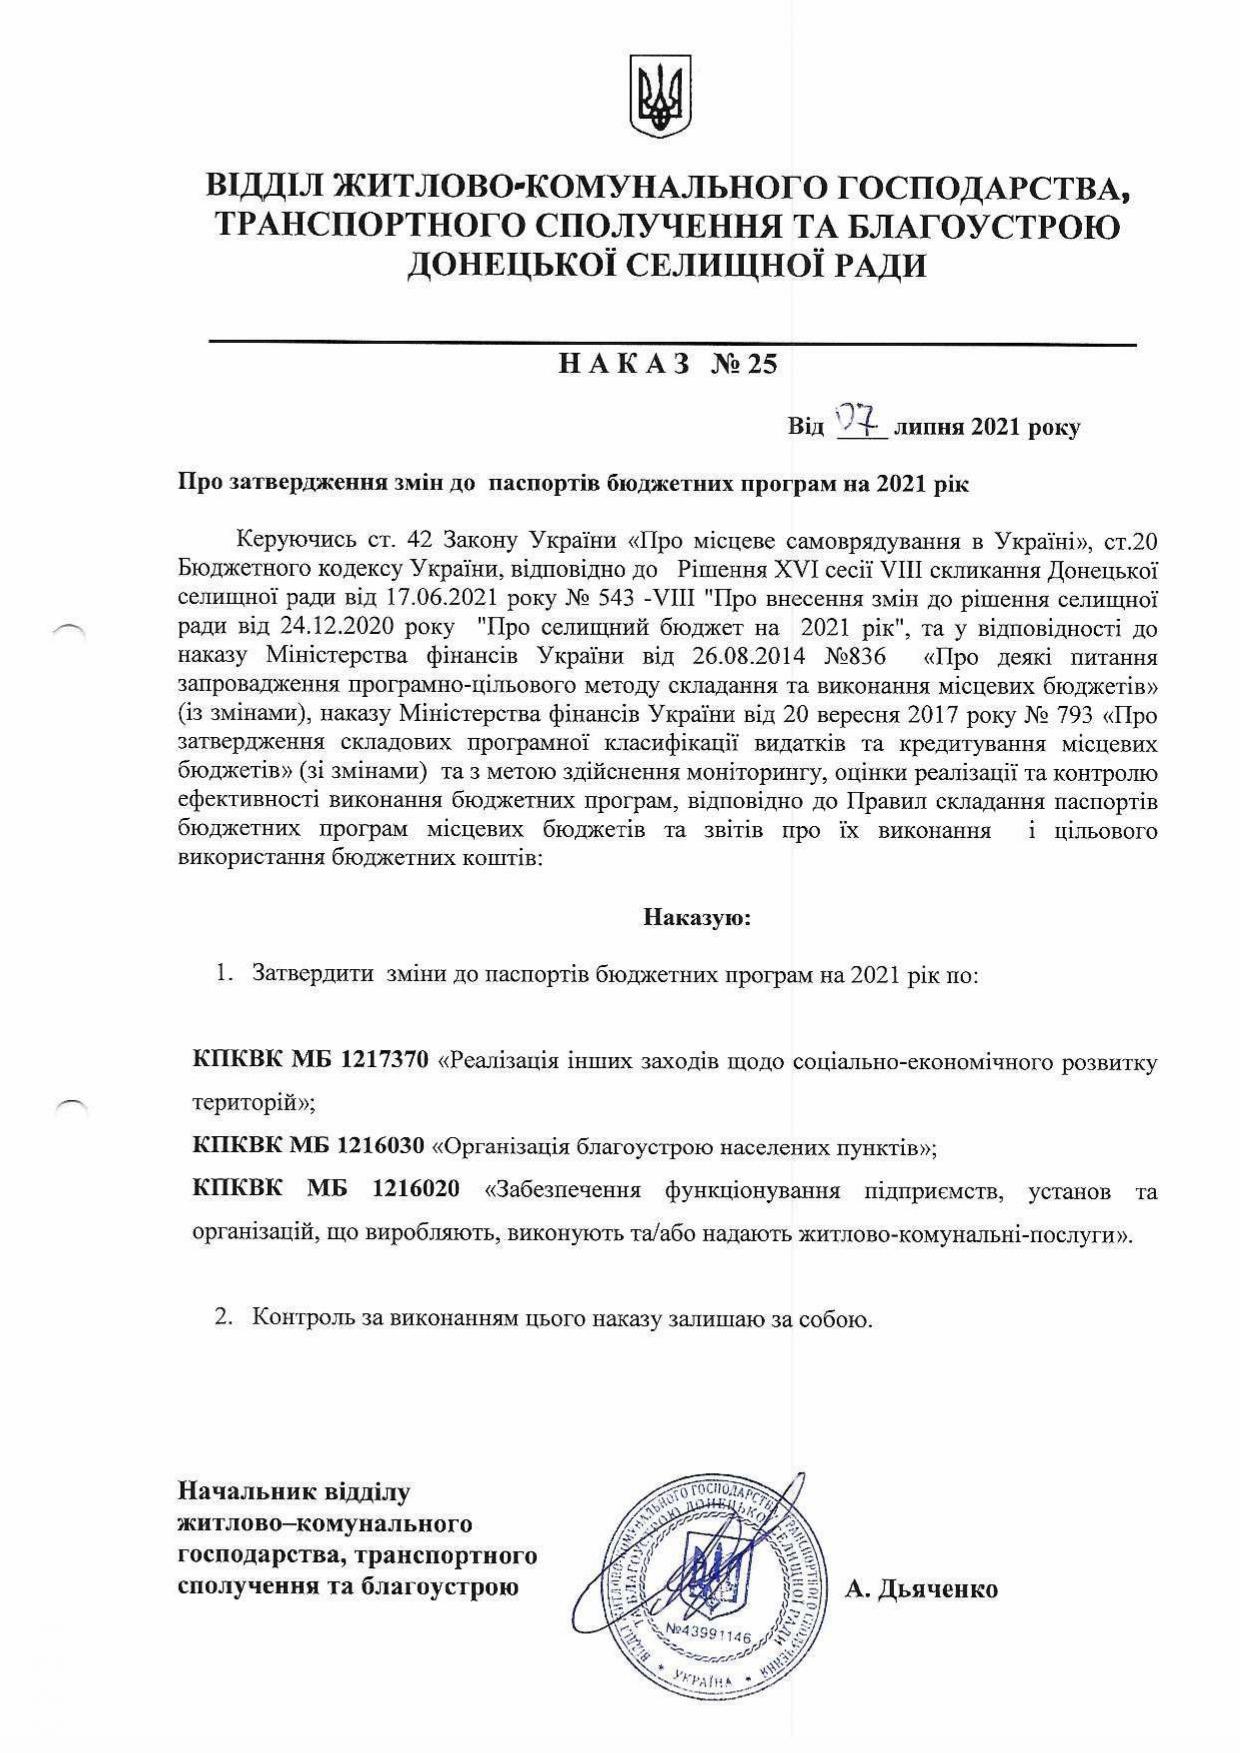 Наказ №25 Про затвердження змін до паспортів бюджетних програм на 2021 рік